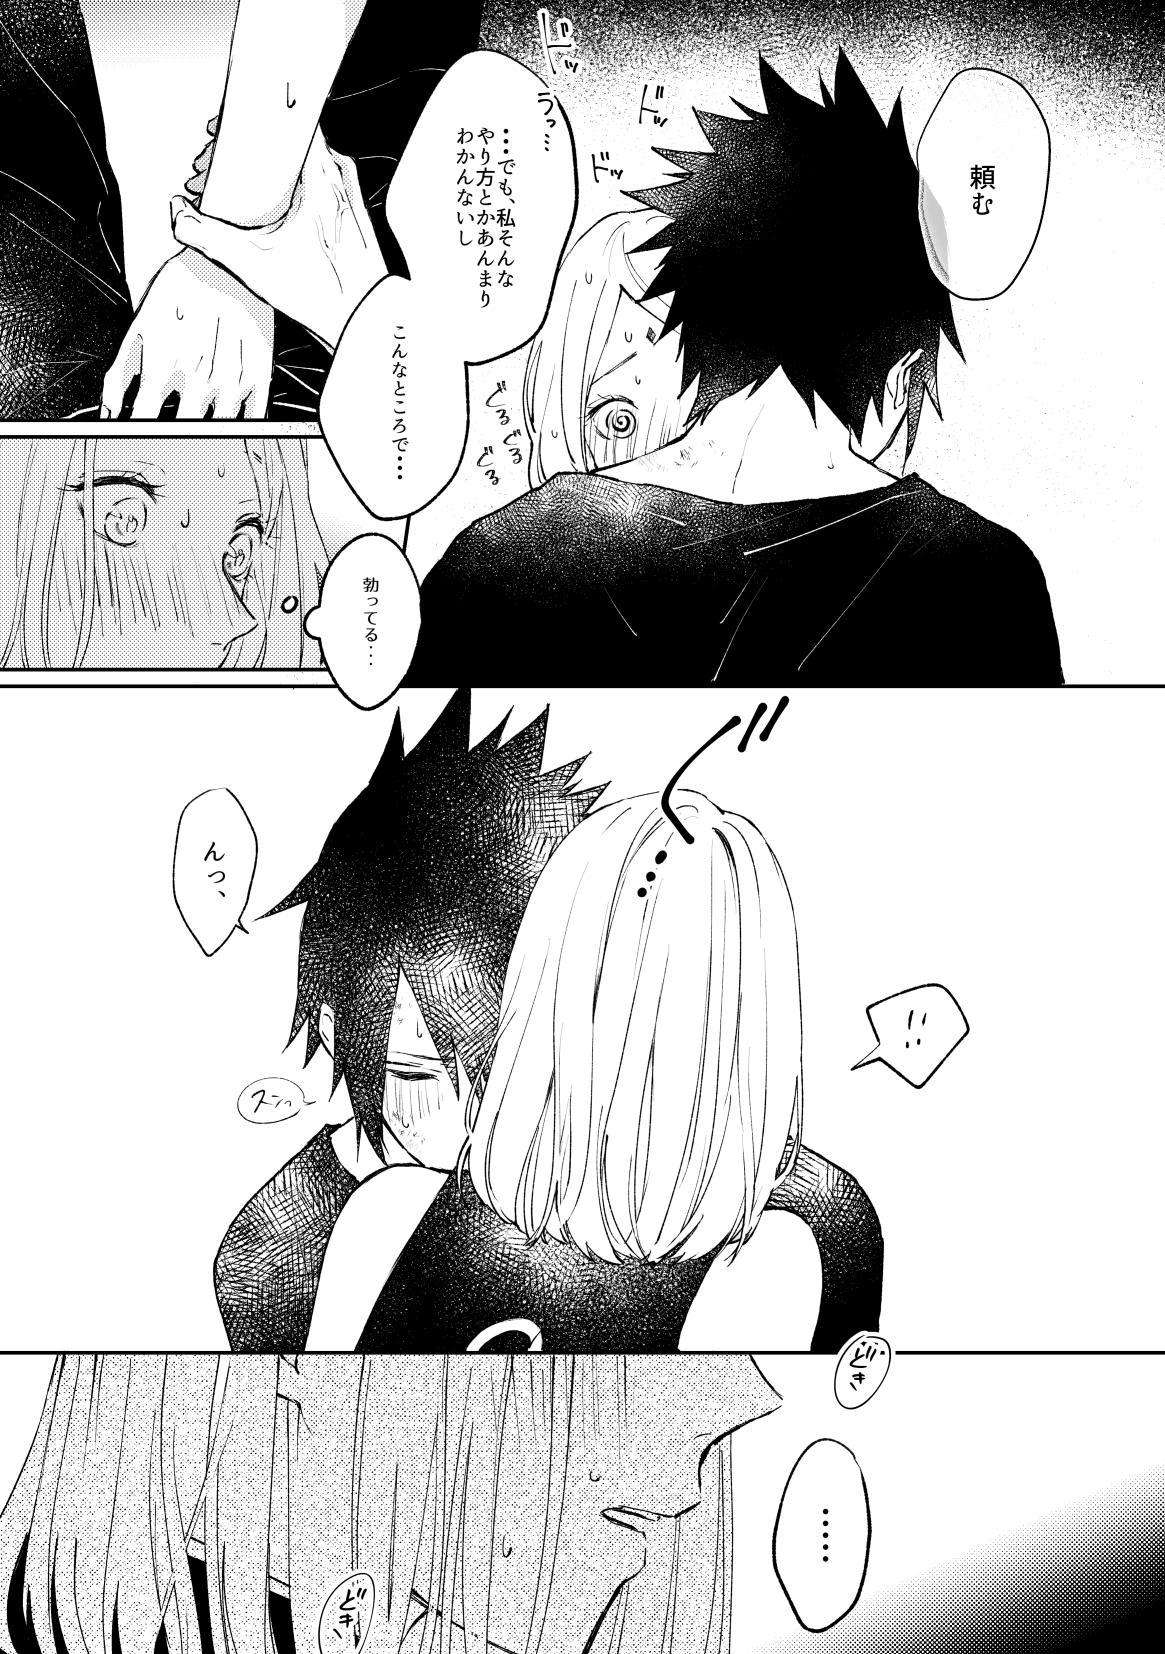 Kizuato wa Pinku ni Tokeru 15